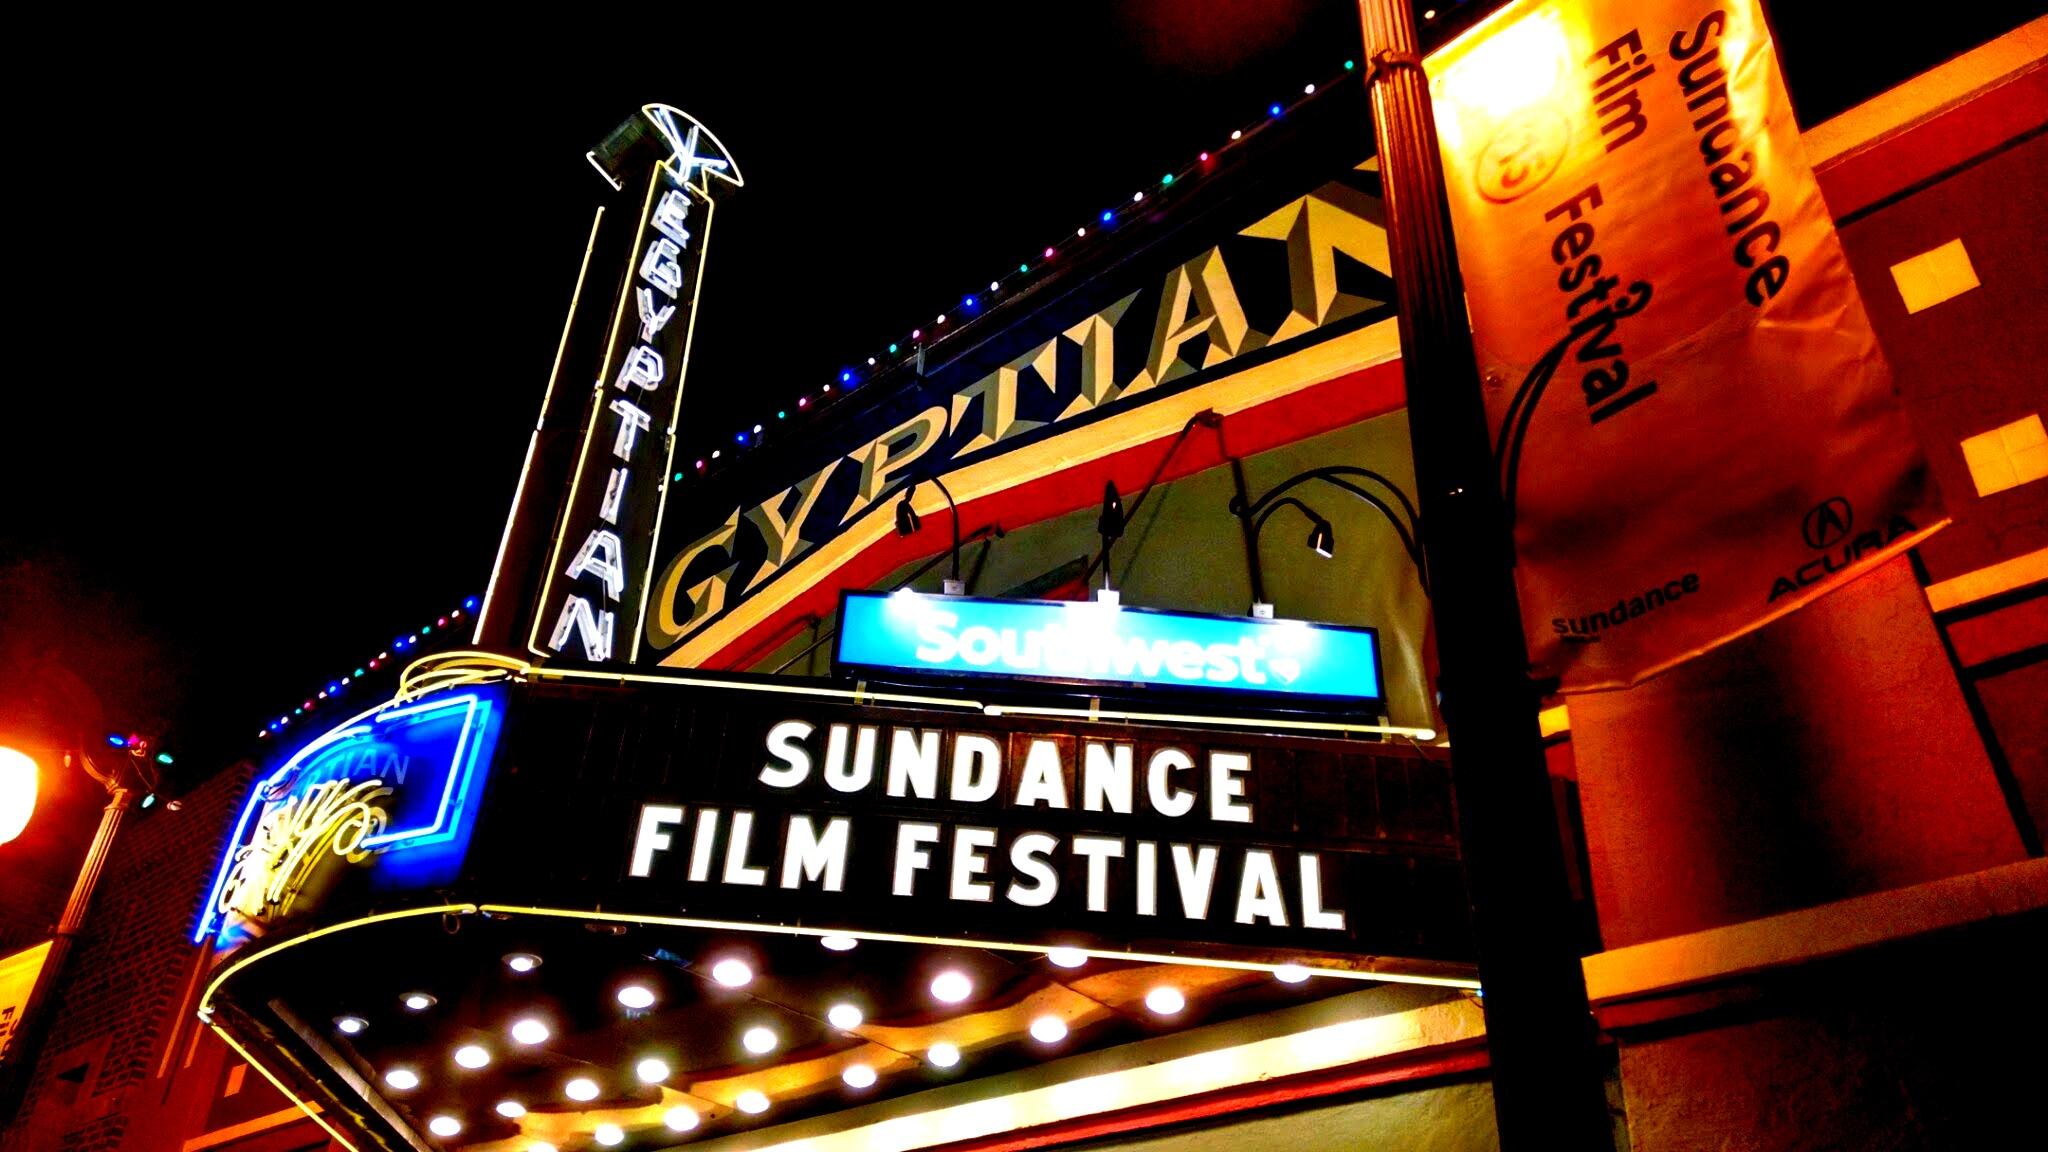 The Complete List of 2021 Sundance Film Festival Awards